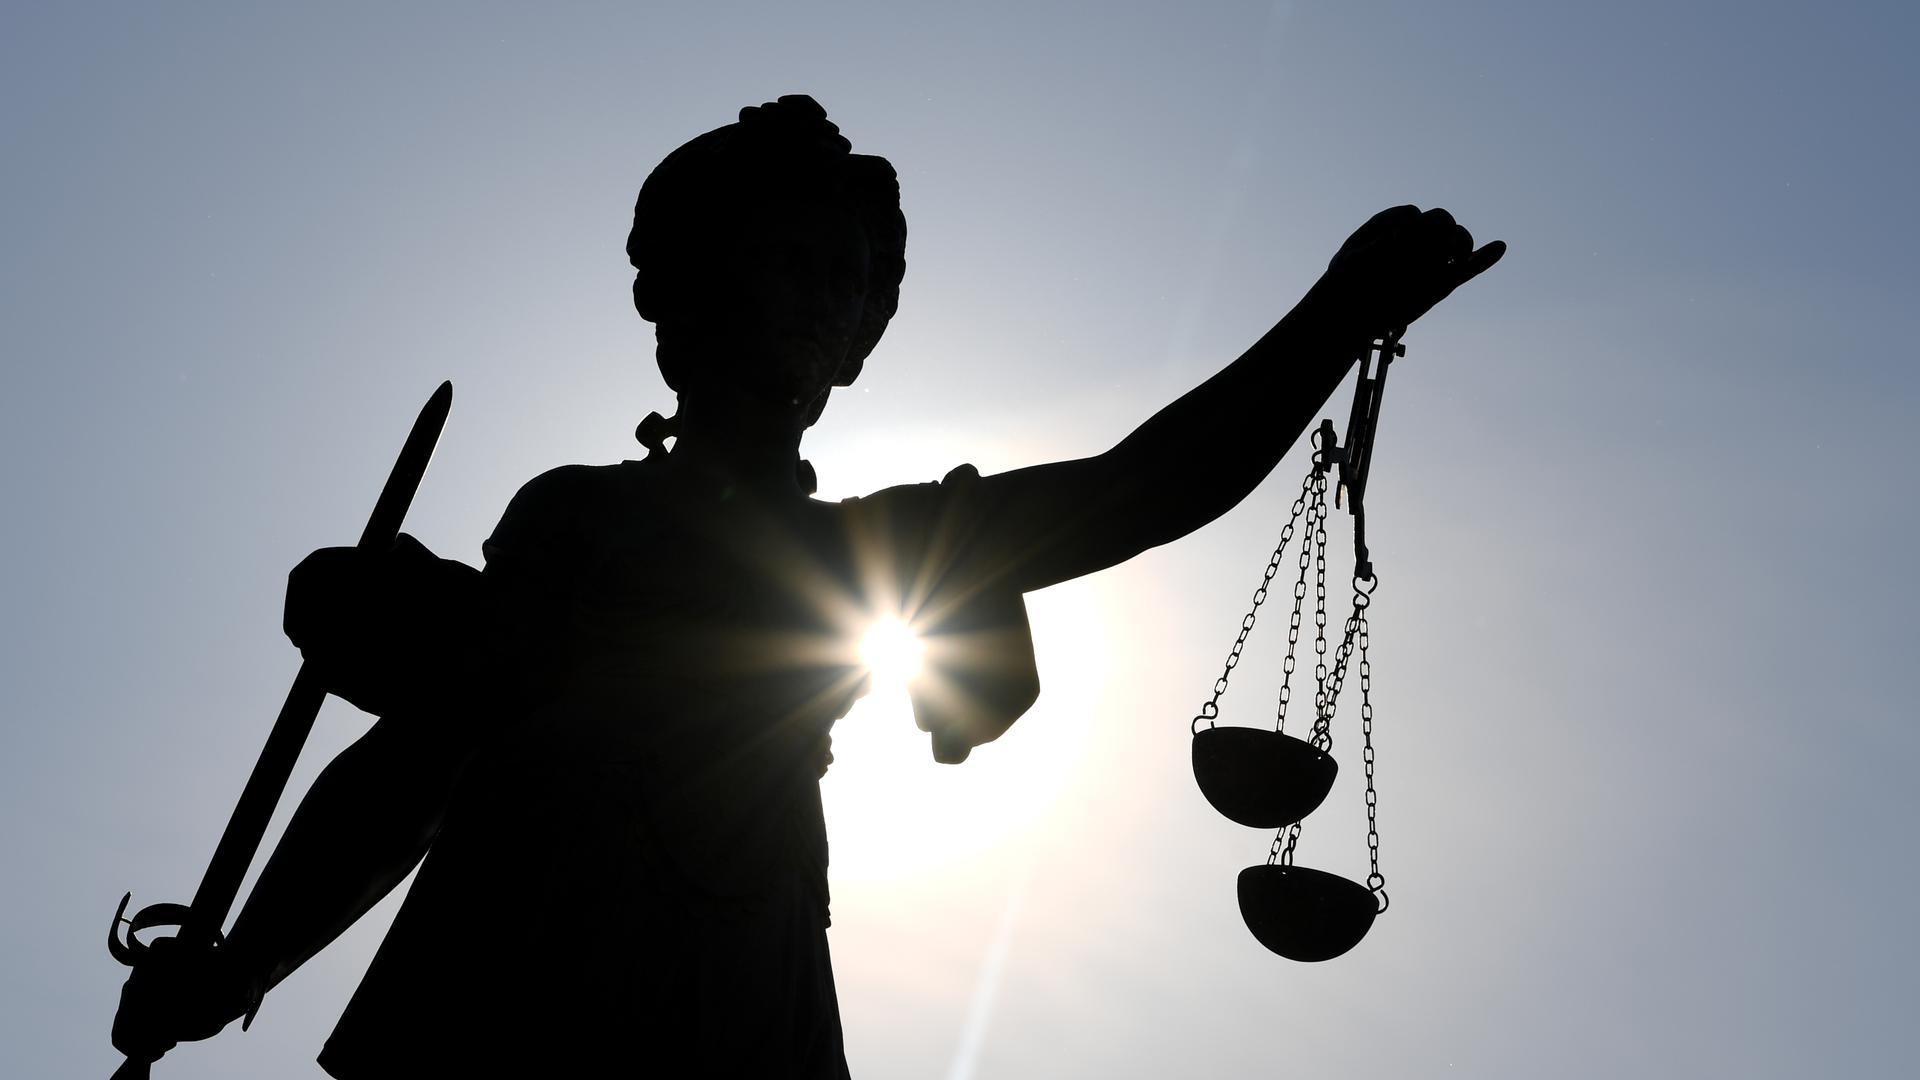 Hauptverhandlung: Vor dem Landgericht Karlsruhe beginnt der Prozess gegen einen 20-Jährigen. Er soll einen fast Gleichaltrigen im Januar mit einem Messer so schwer verletzt haben, dass das Opfer noch am Tatort in der Oststadt starb.